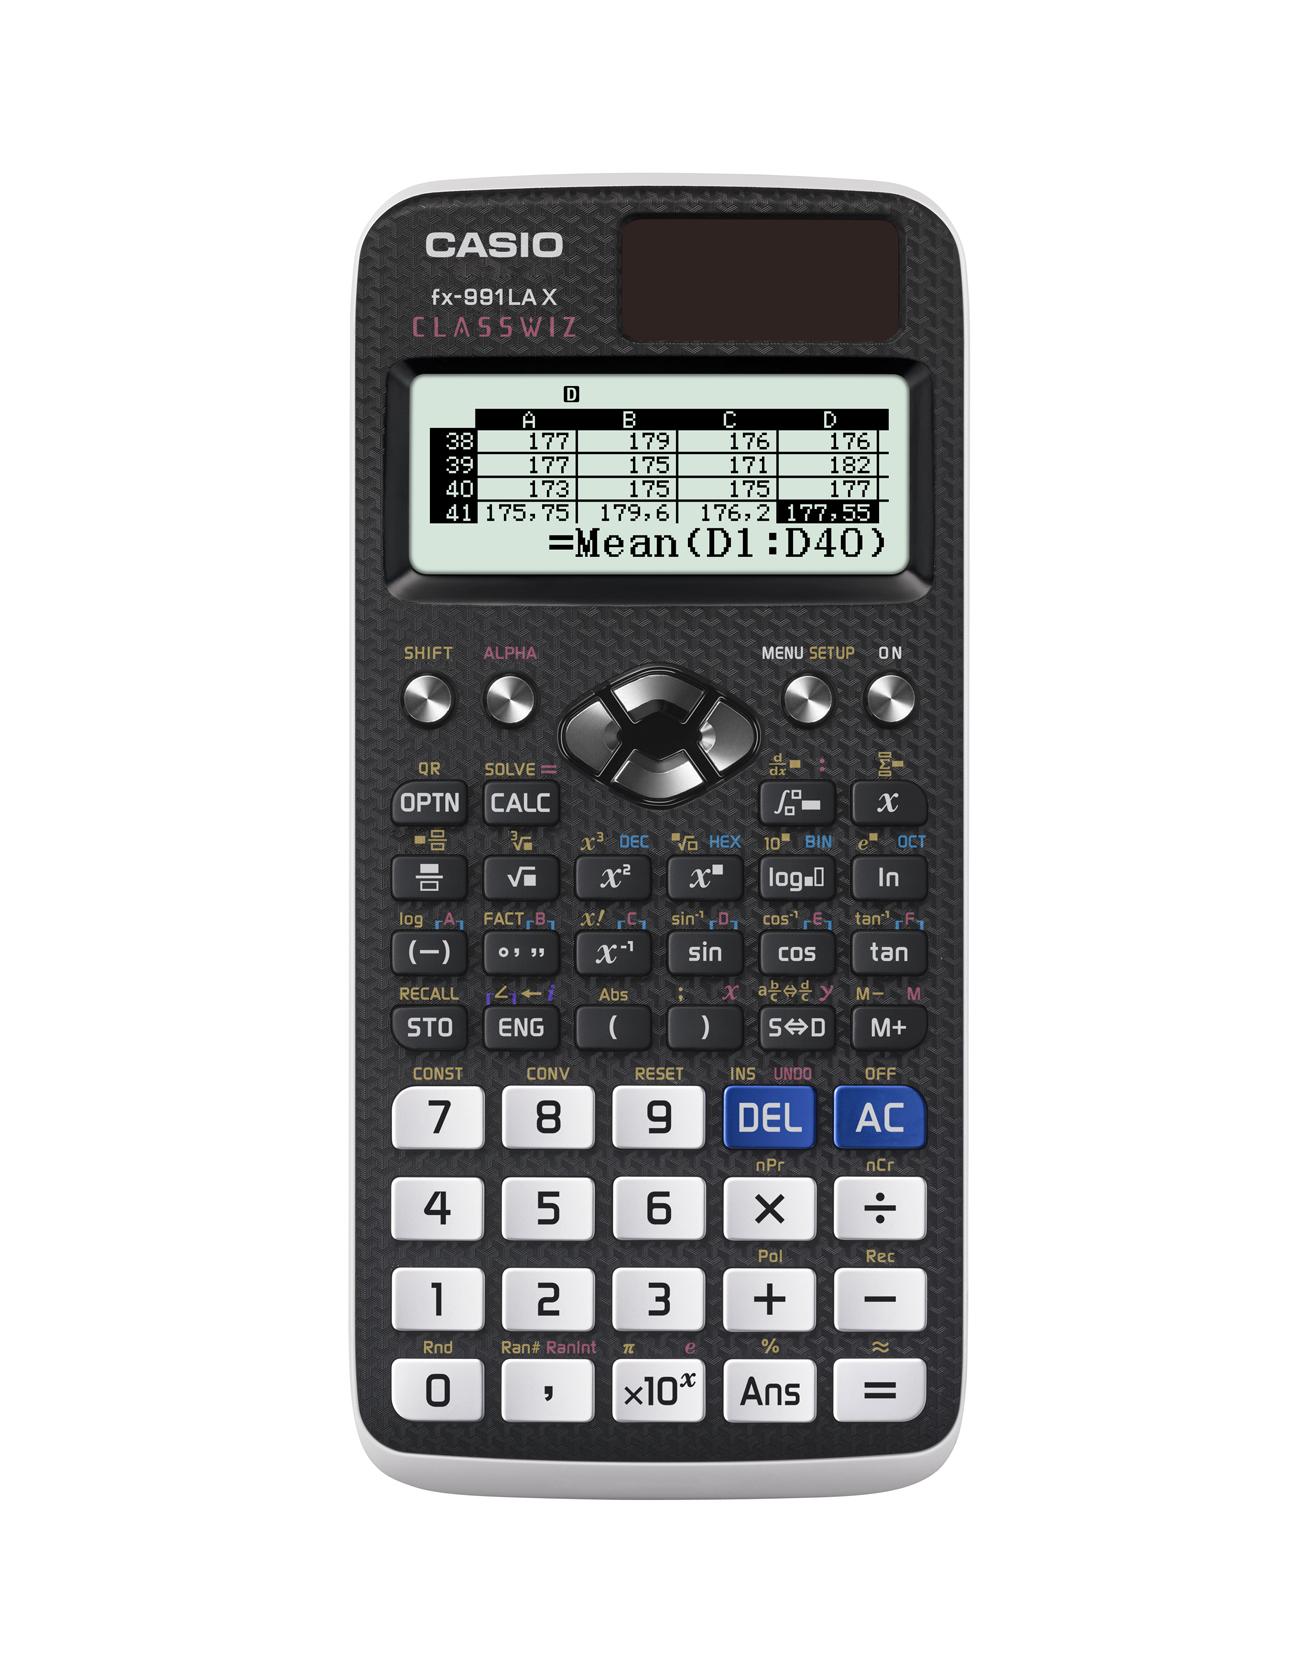 CALCULADORA CASIO FX-991LA X